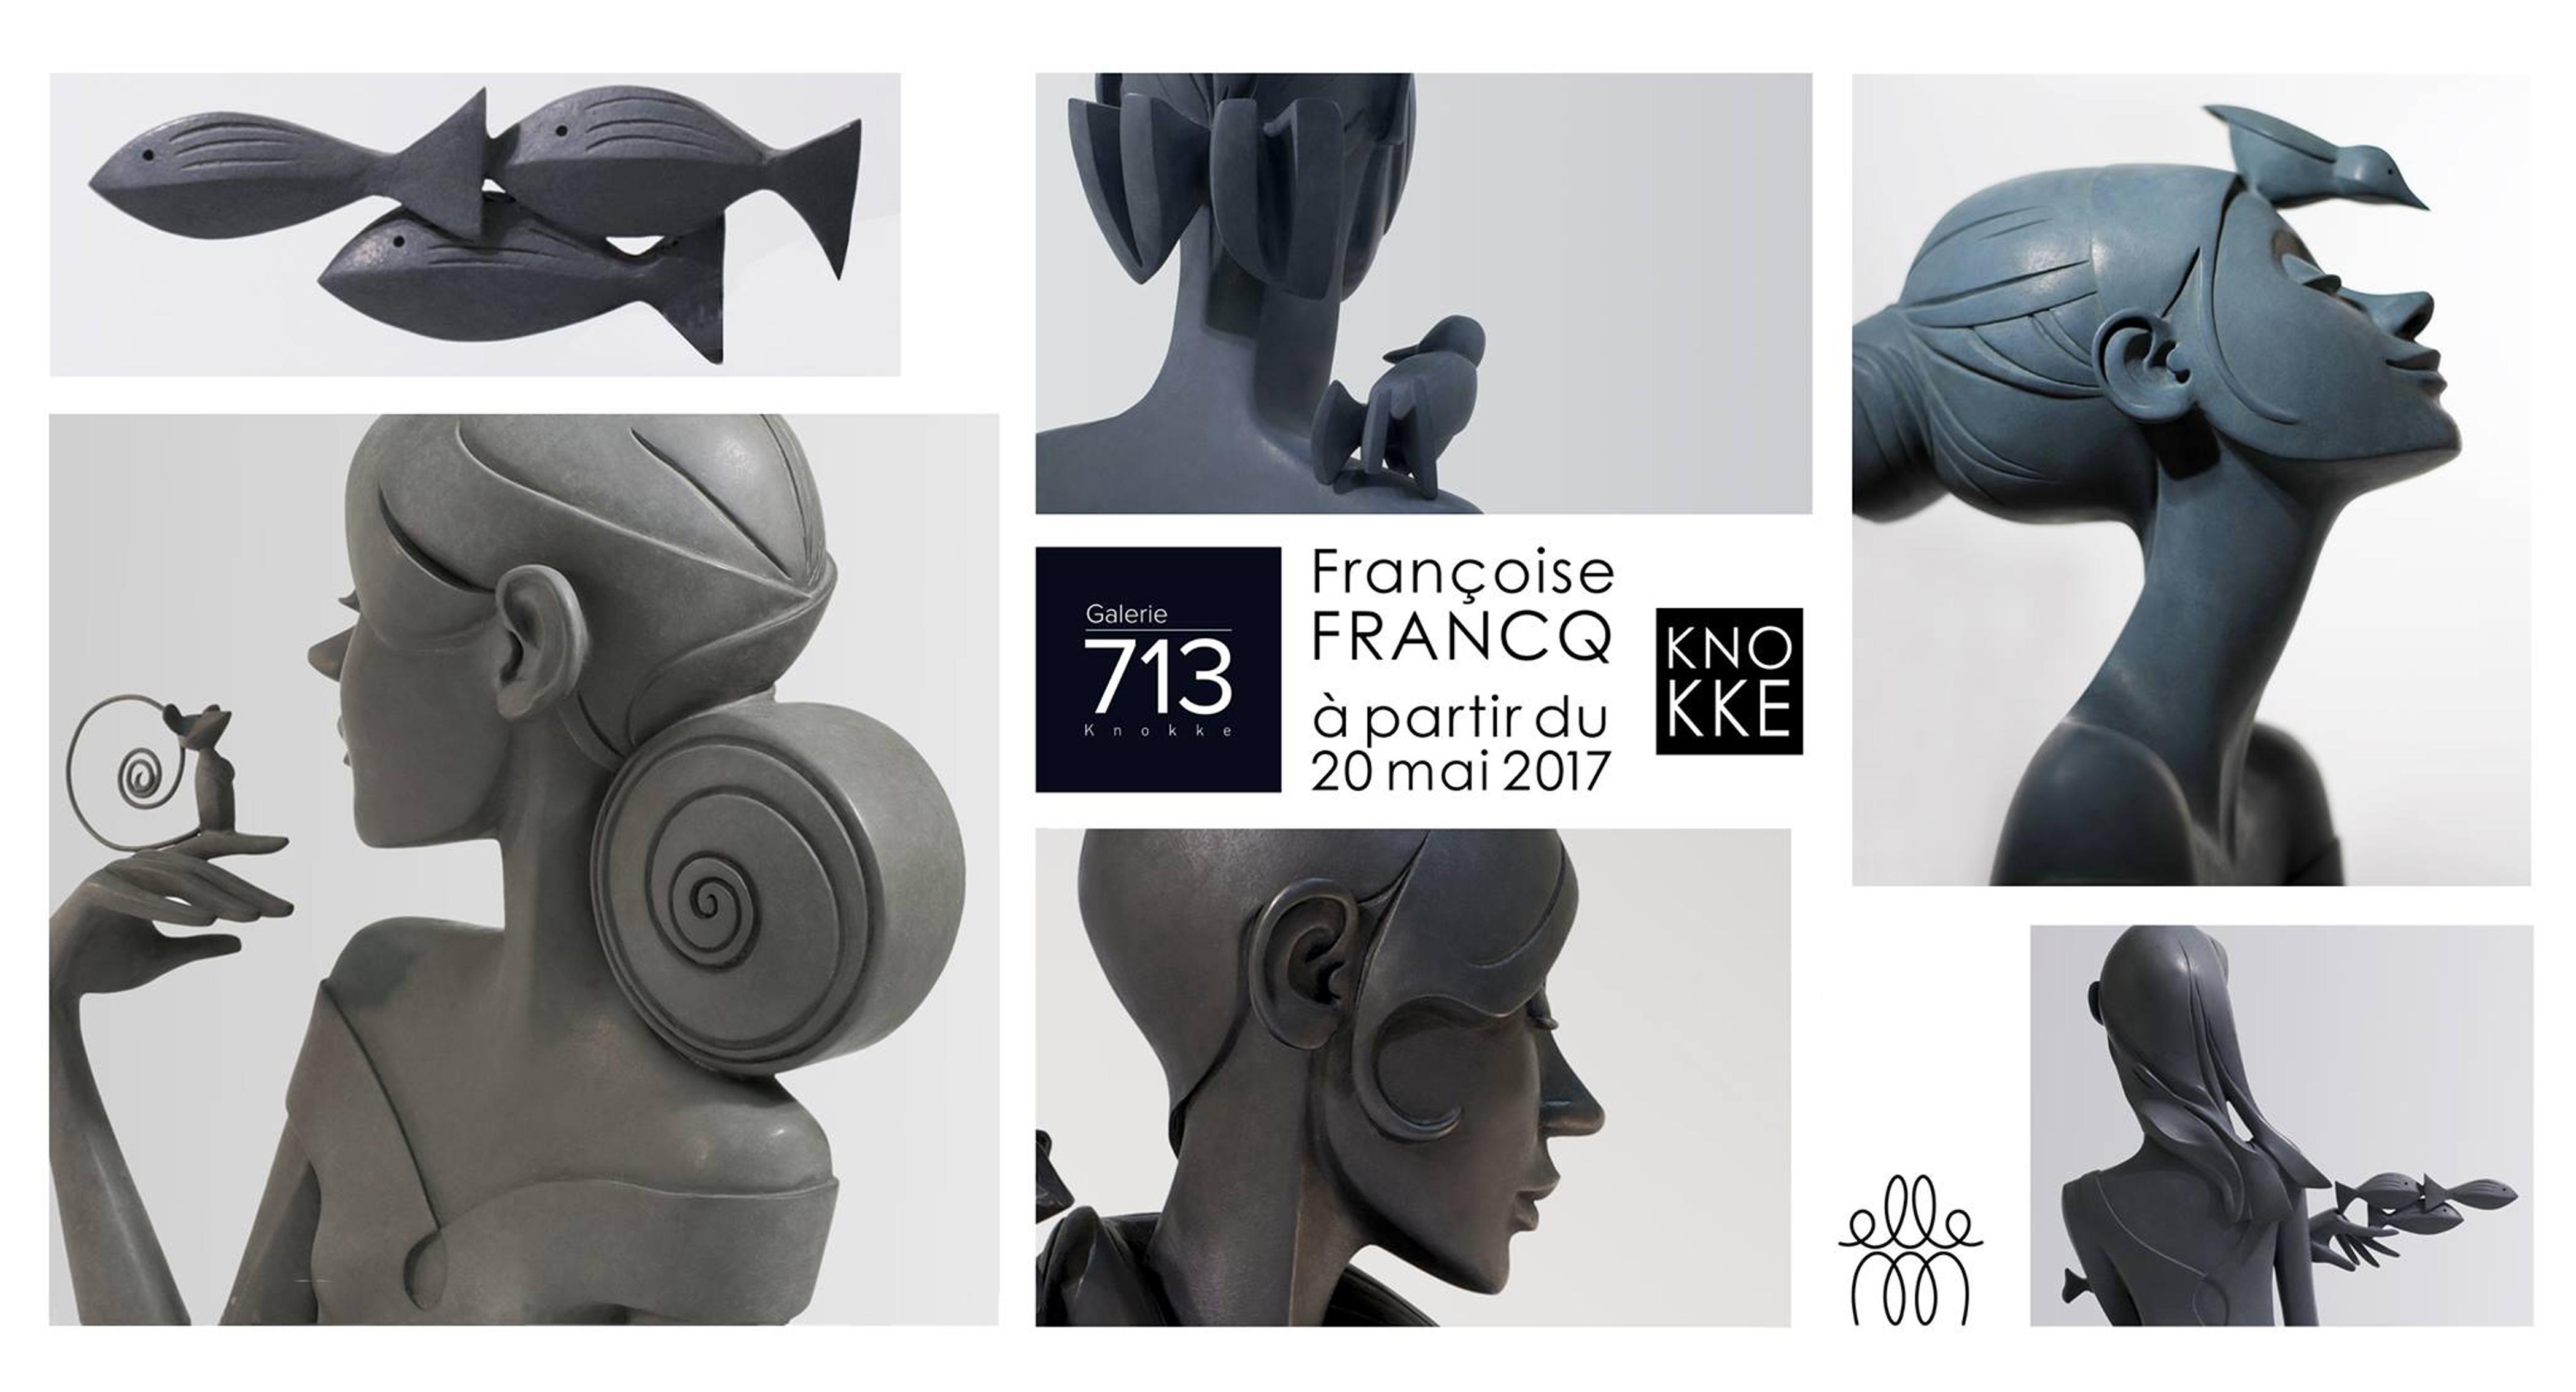 Galerie 713 Françoise Francq